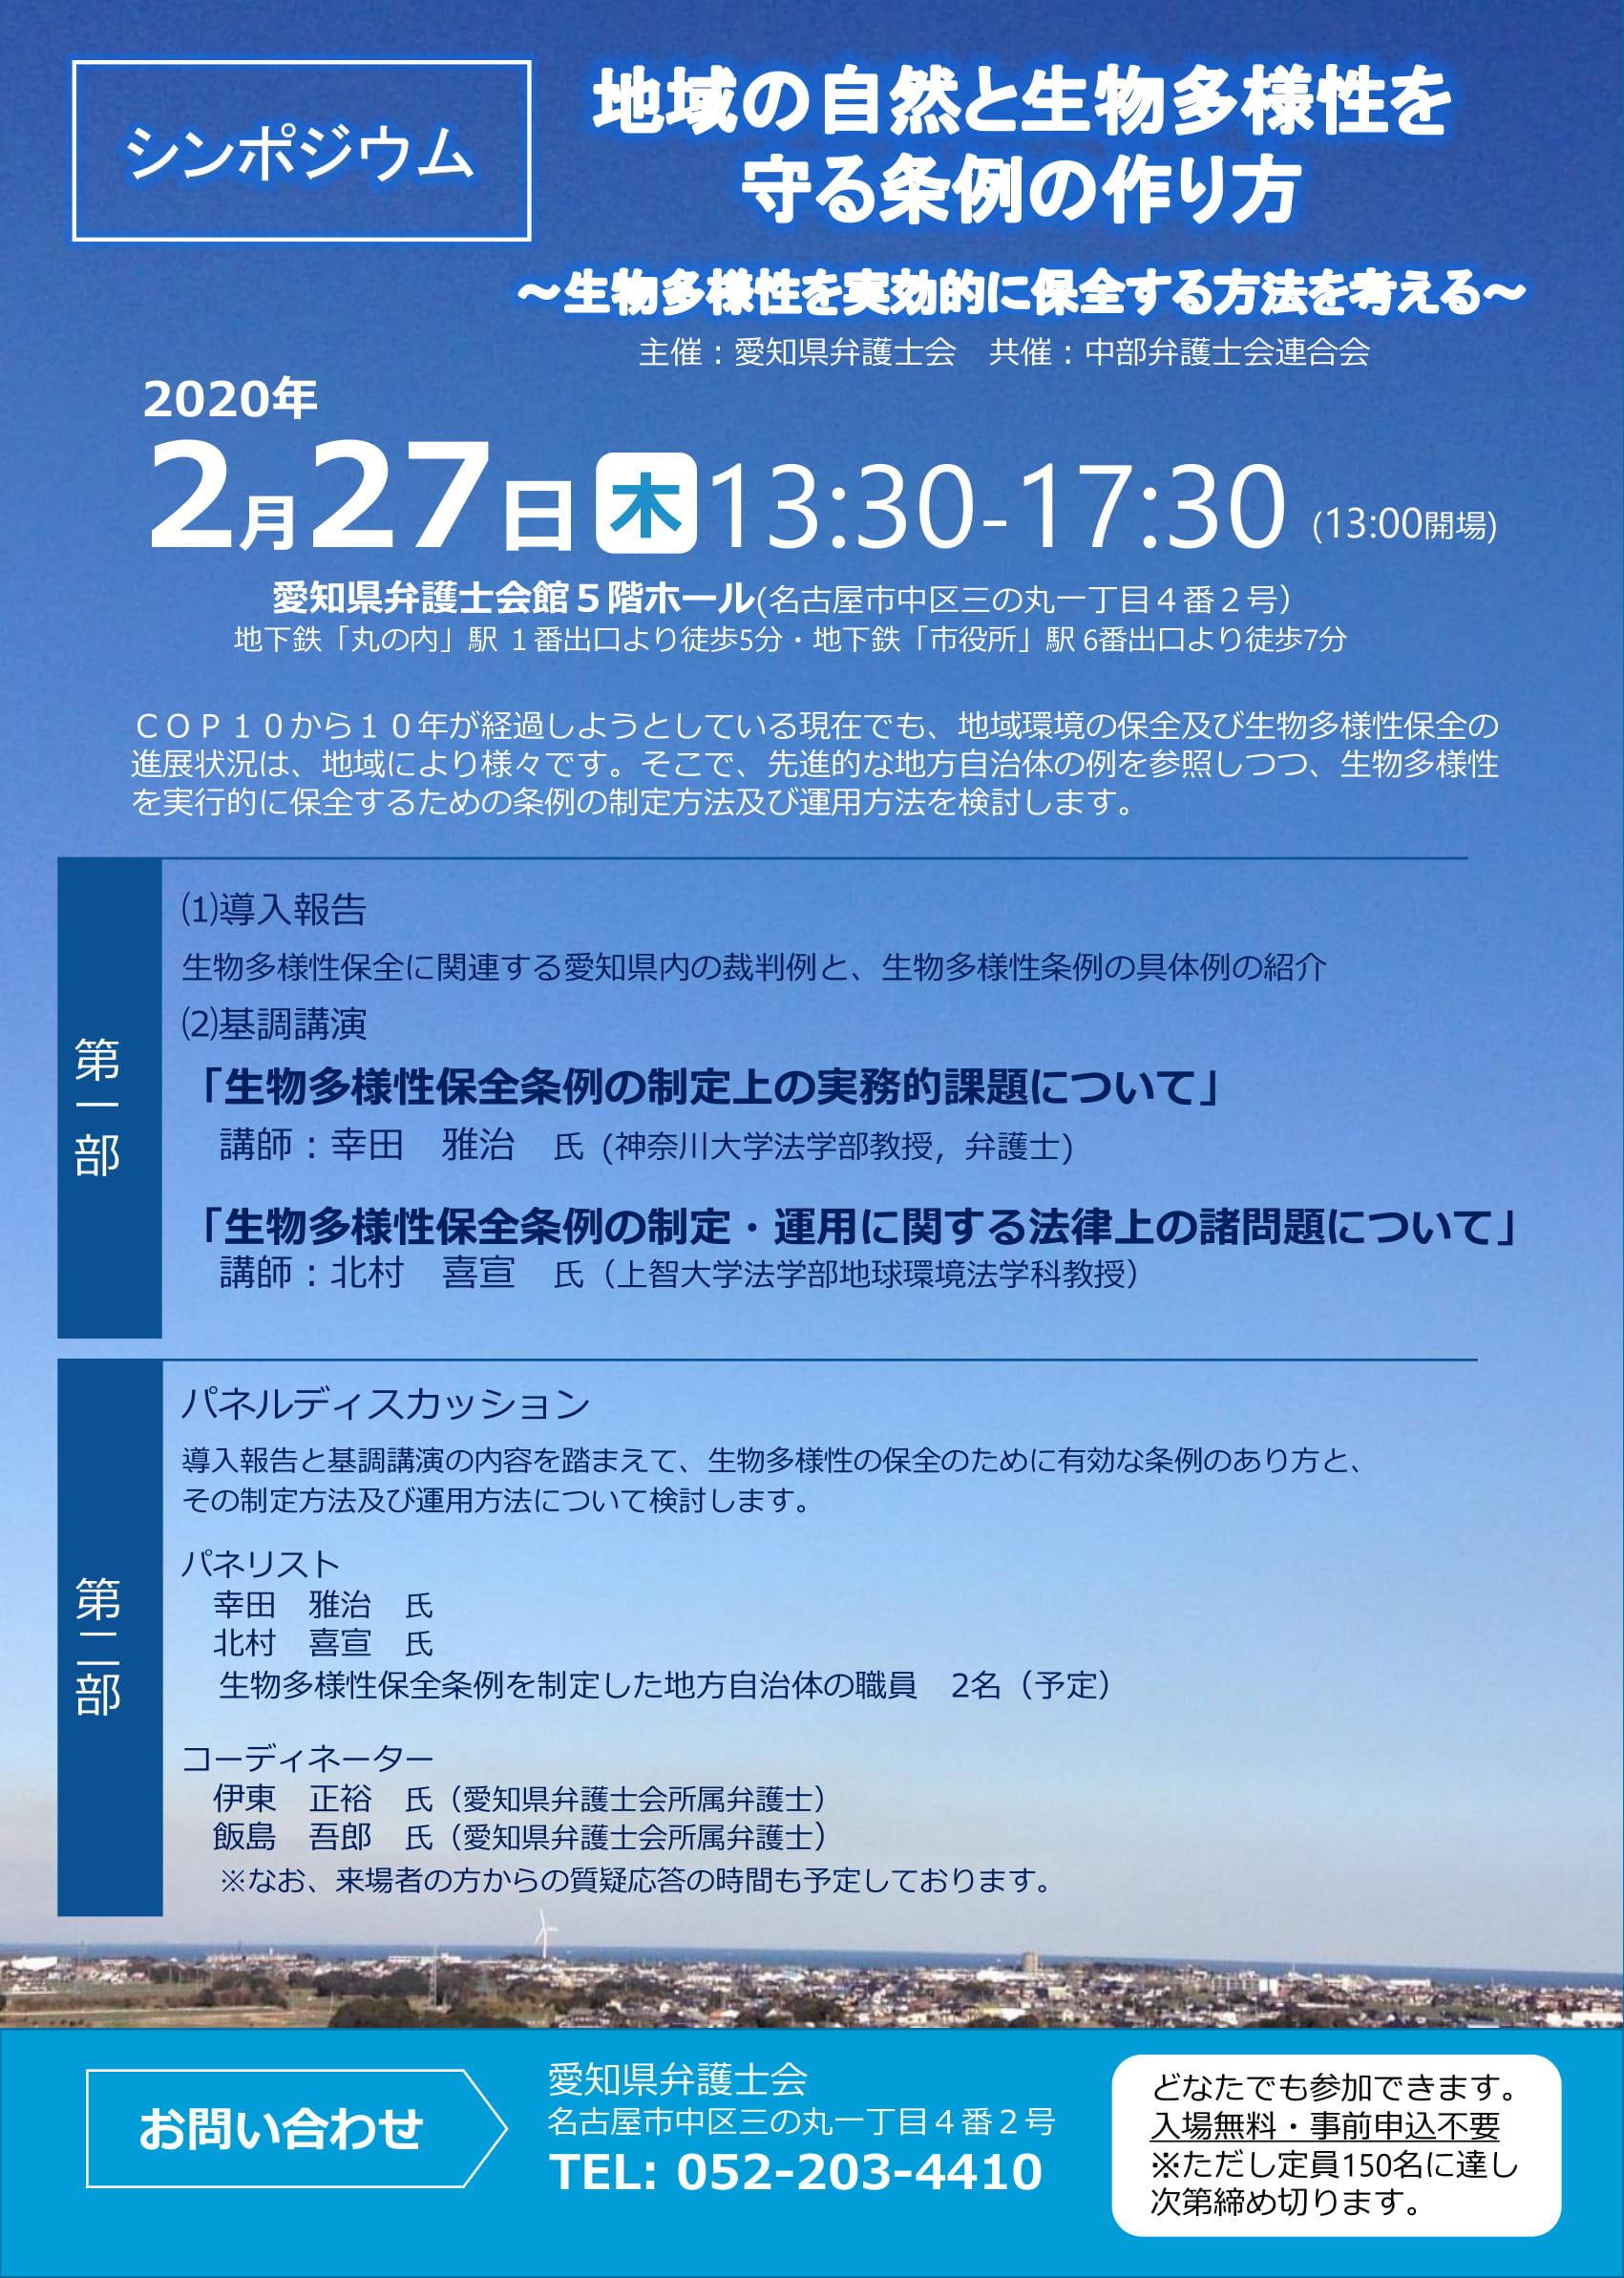 公害環境委員会2月27日シンポジウム 案内チラシ-1.jpg